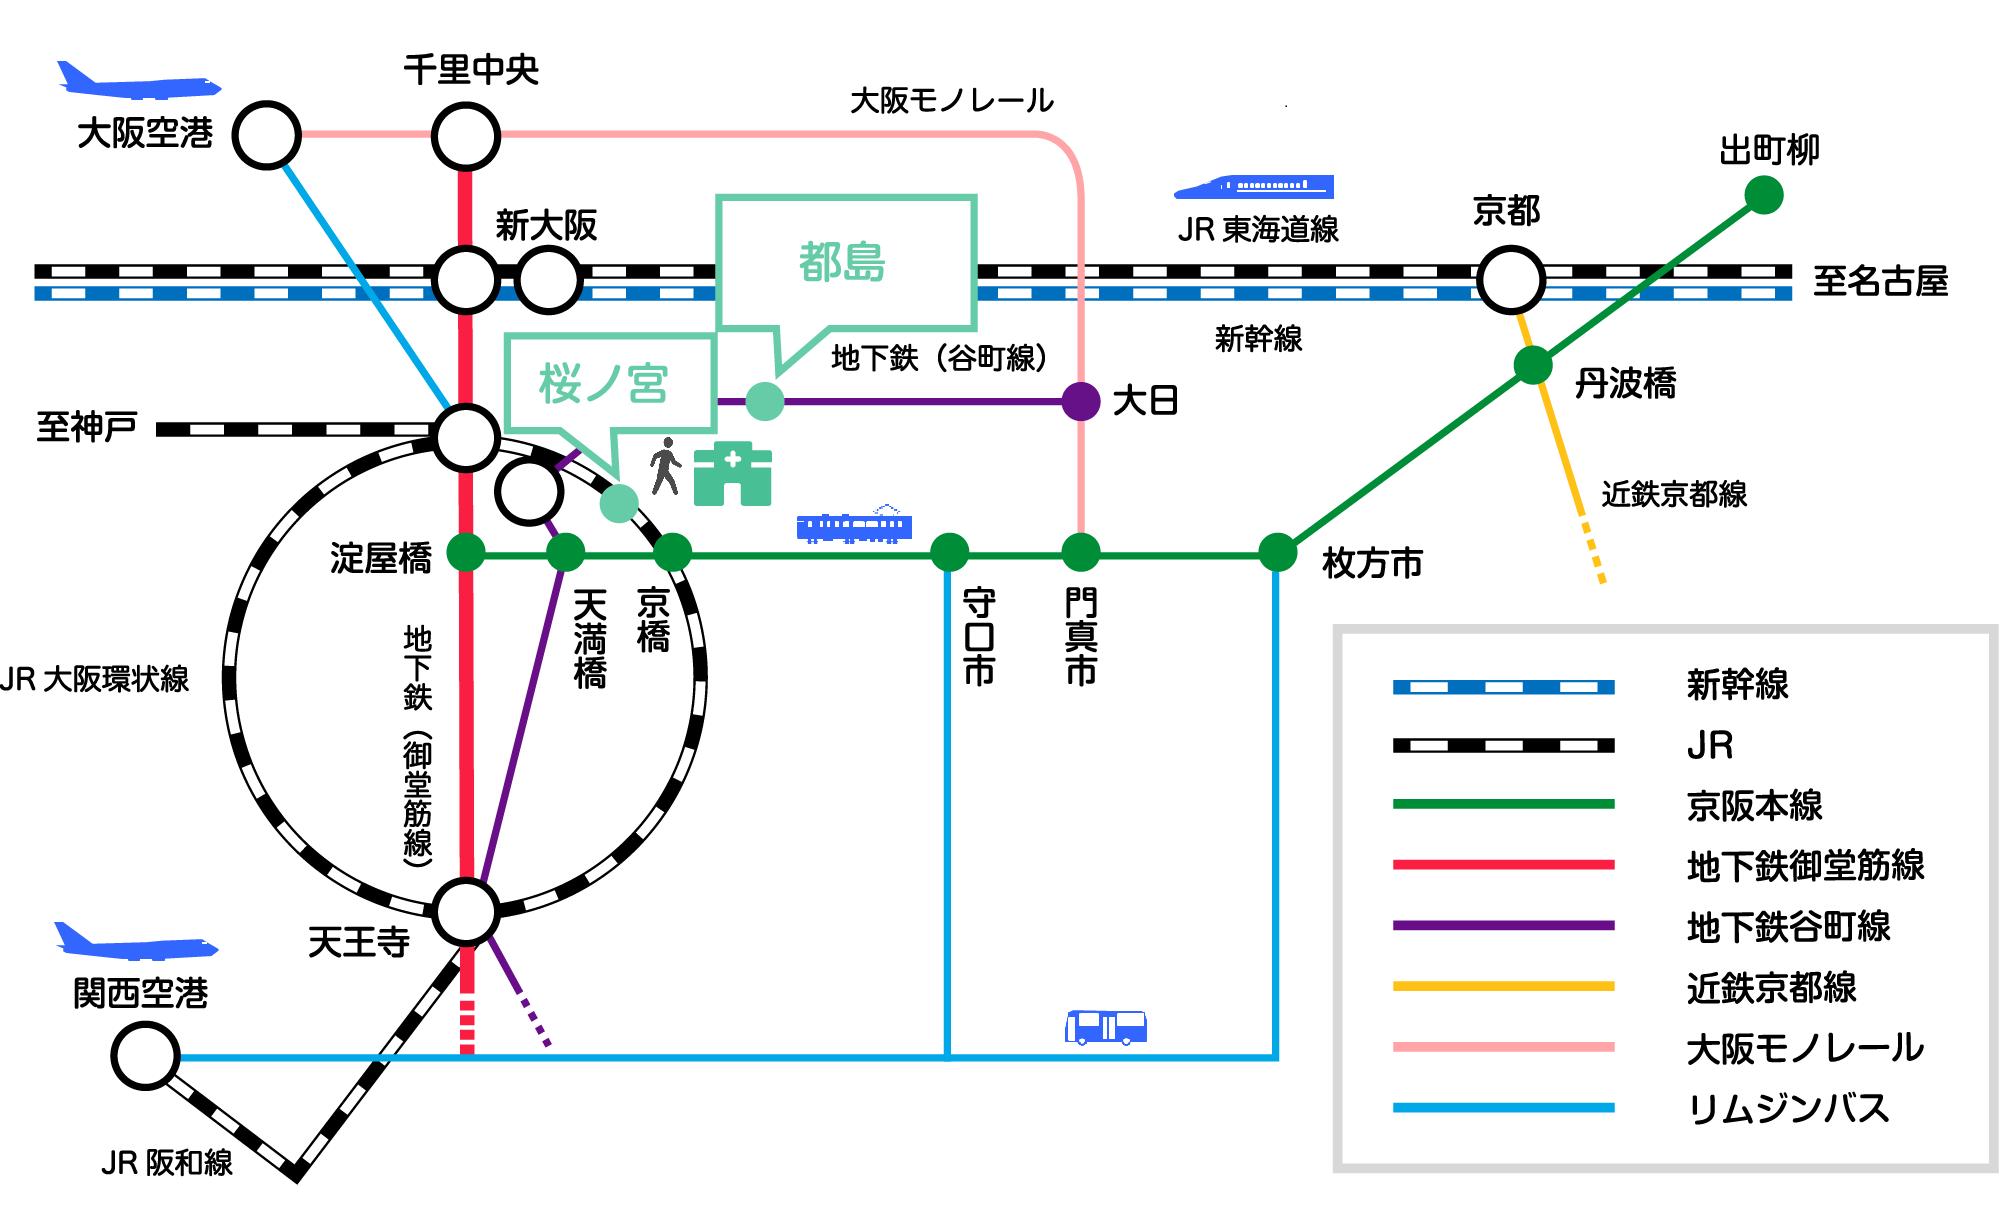 病院への交通アクセス図